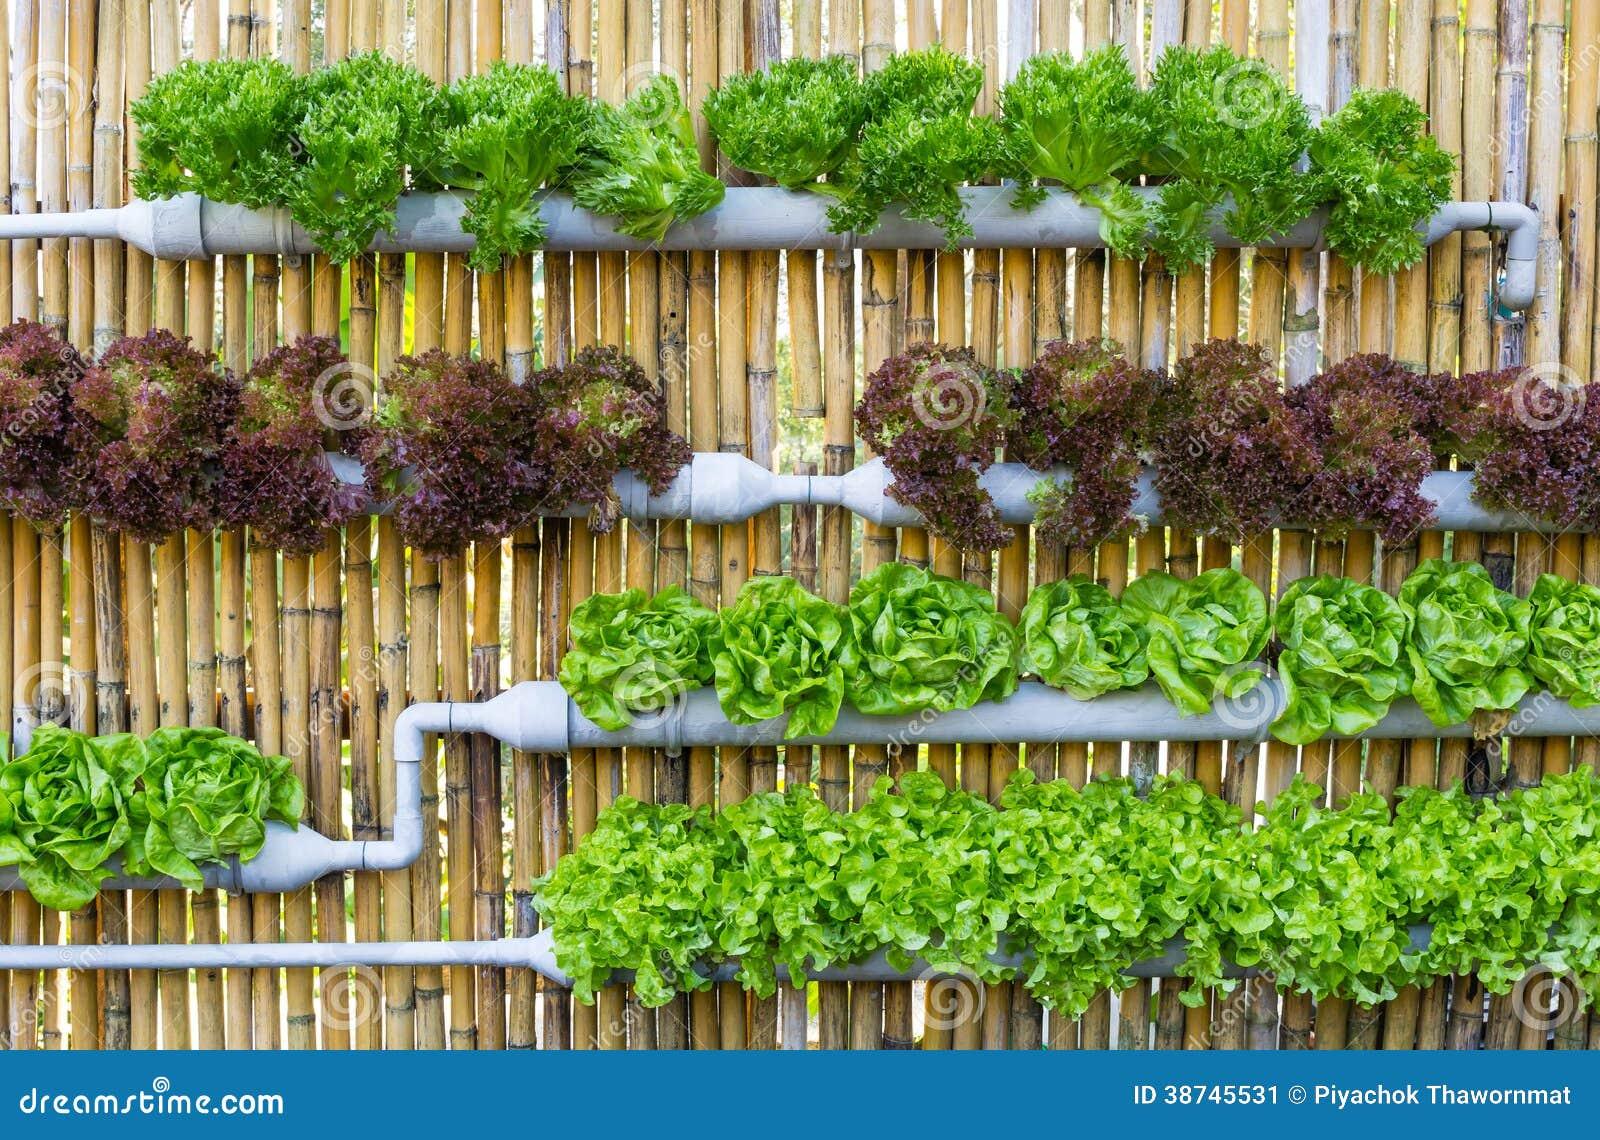 Vrtonosna slika u vrtlogu hidroponi 60089850, Hidroponičko vrtlarstvo zaliha vektorske slike 60089850